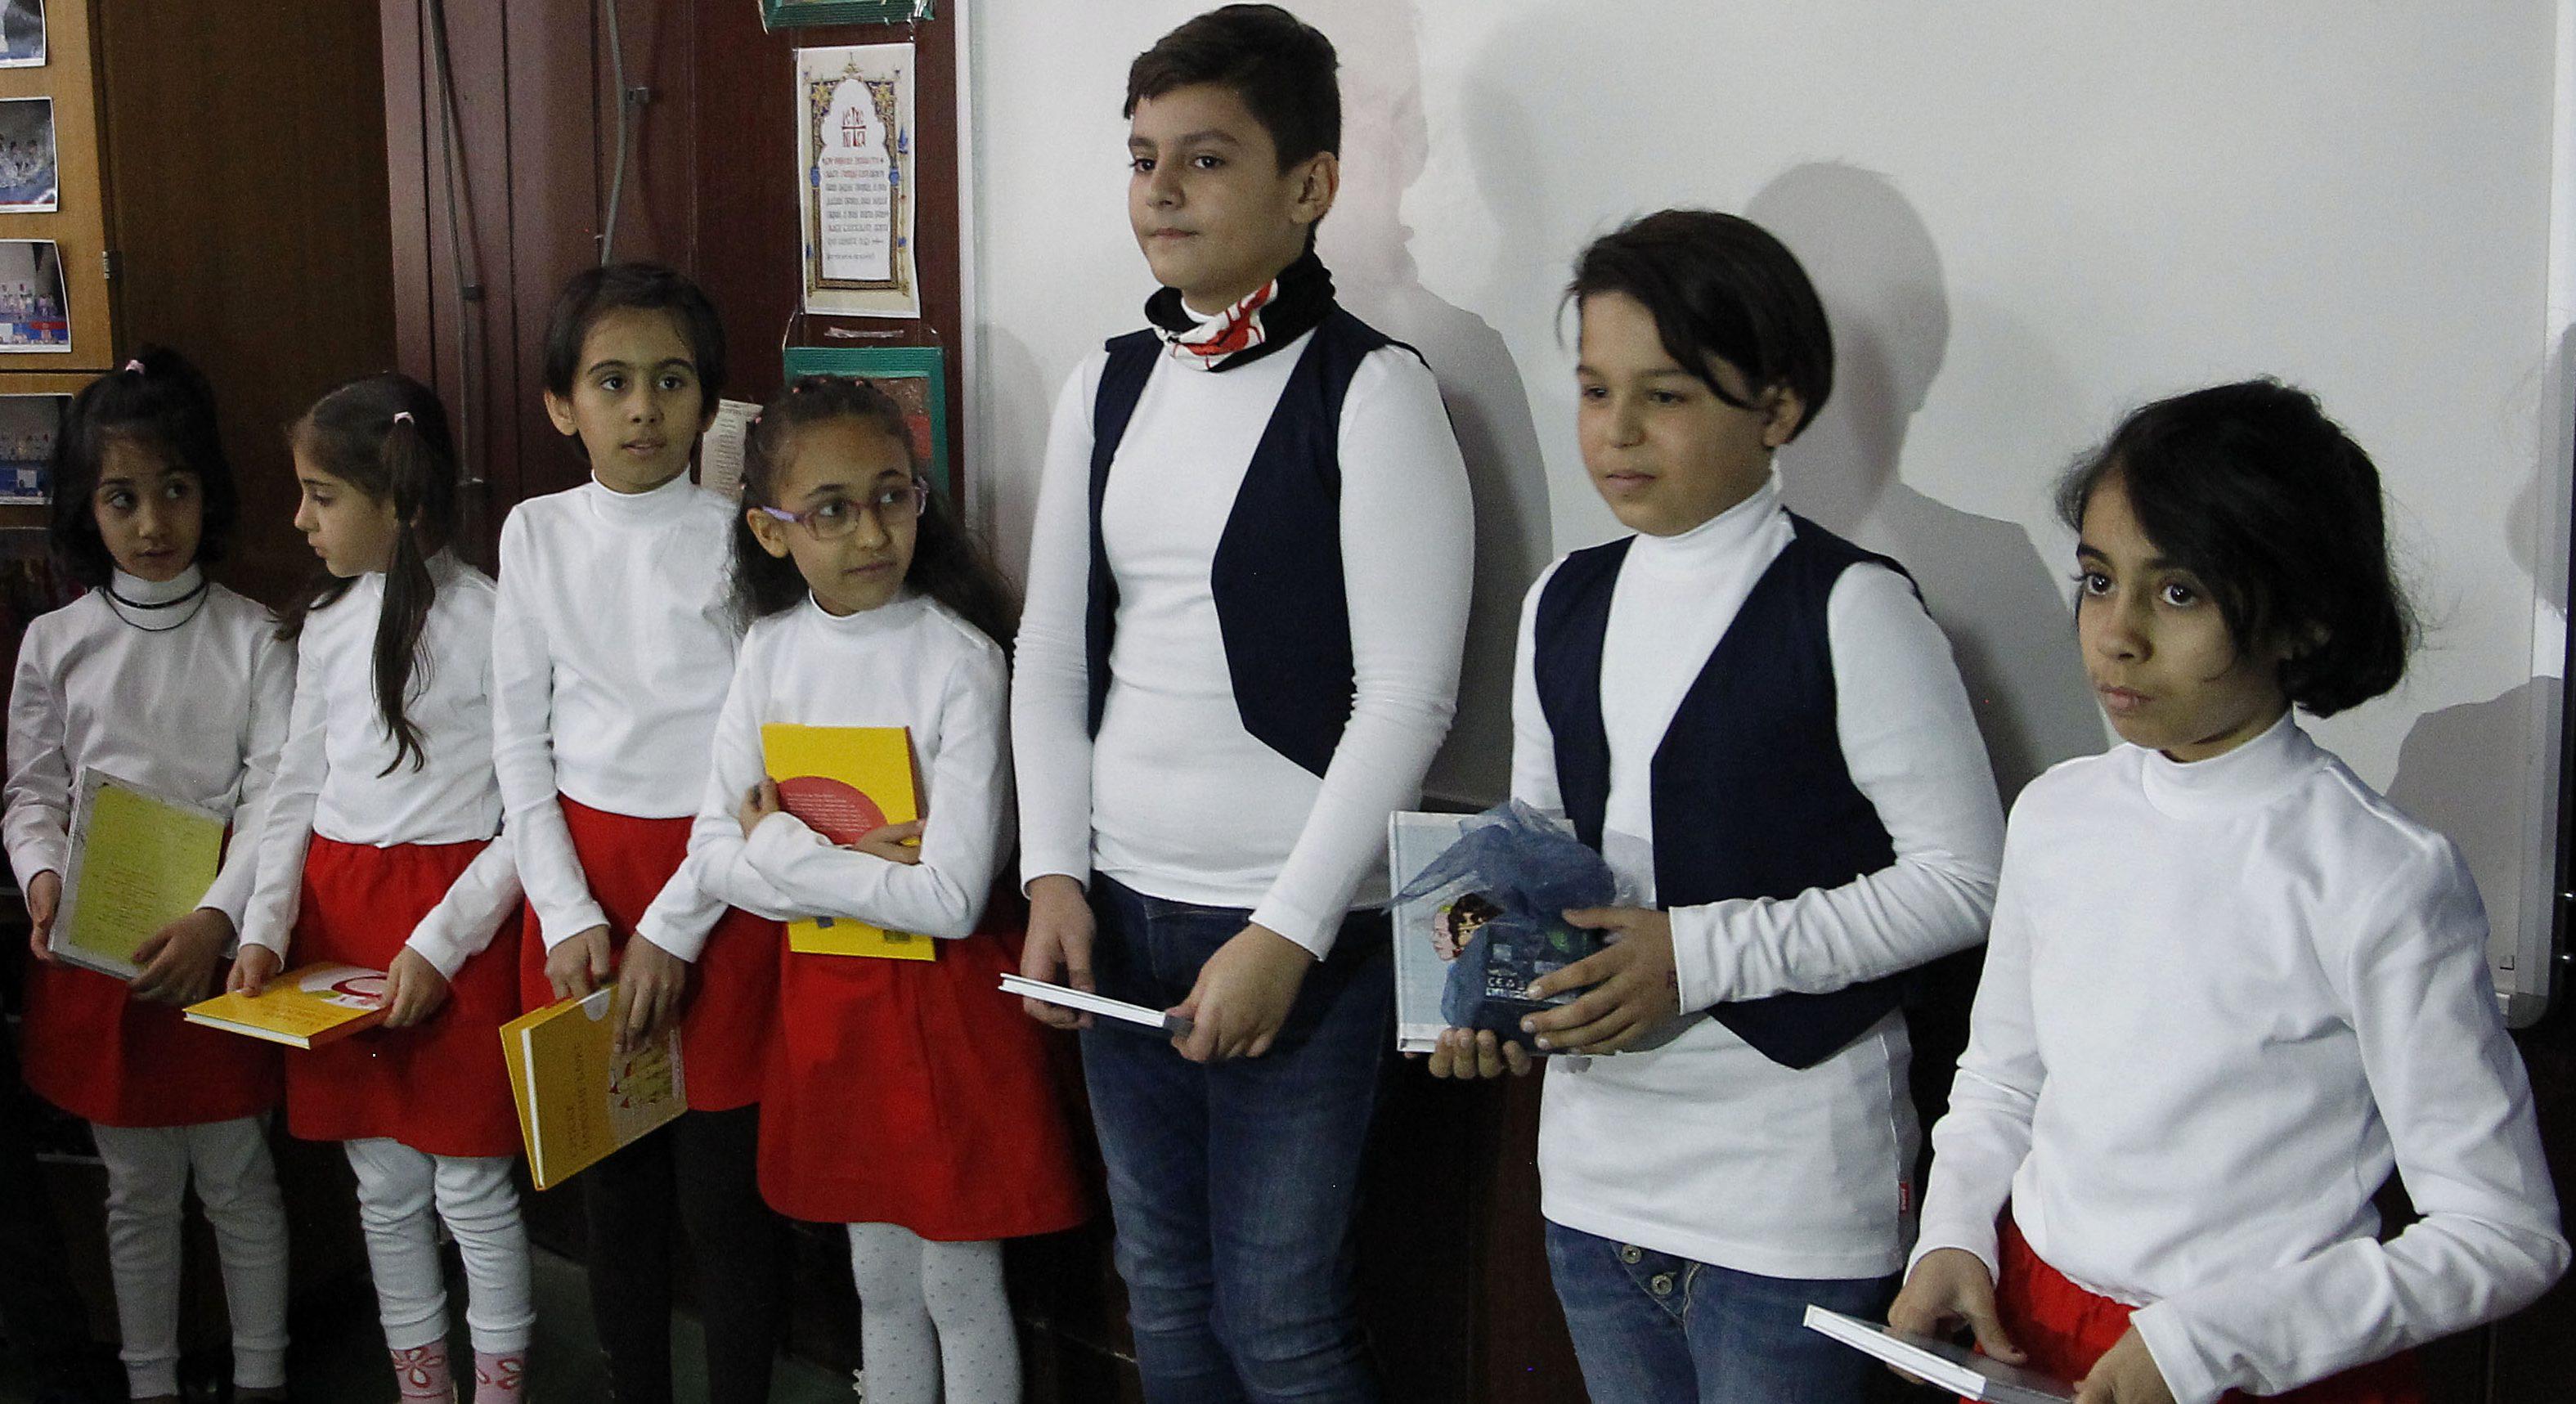 Međunarodni dan migranata obeležen u Bujanovcu dečjom priredbom